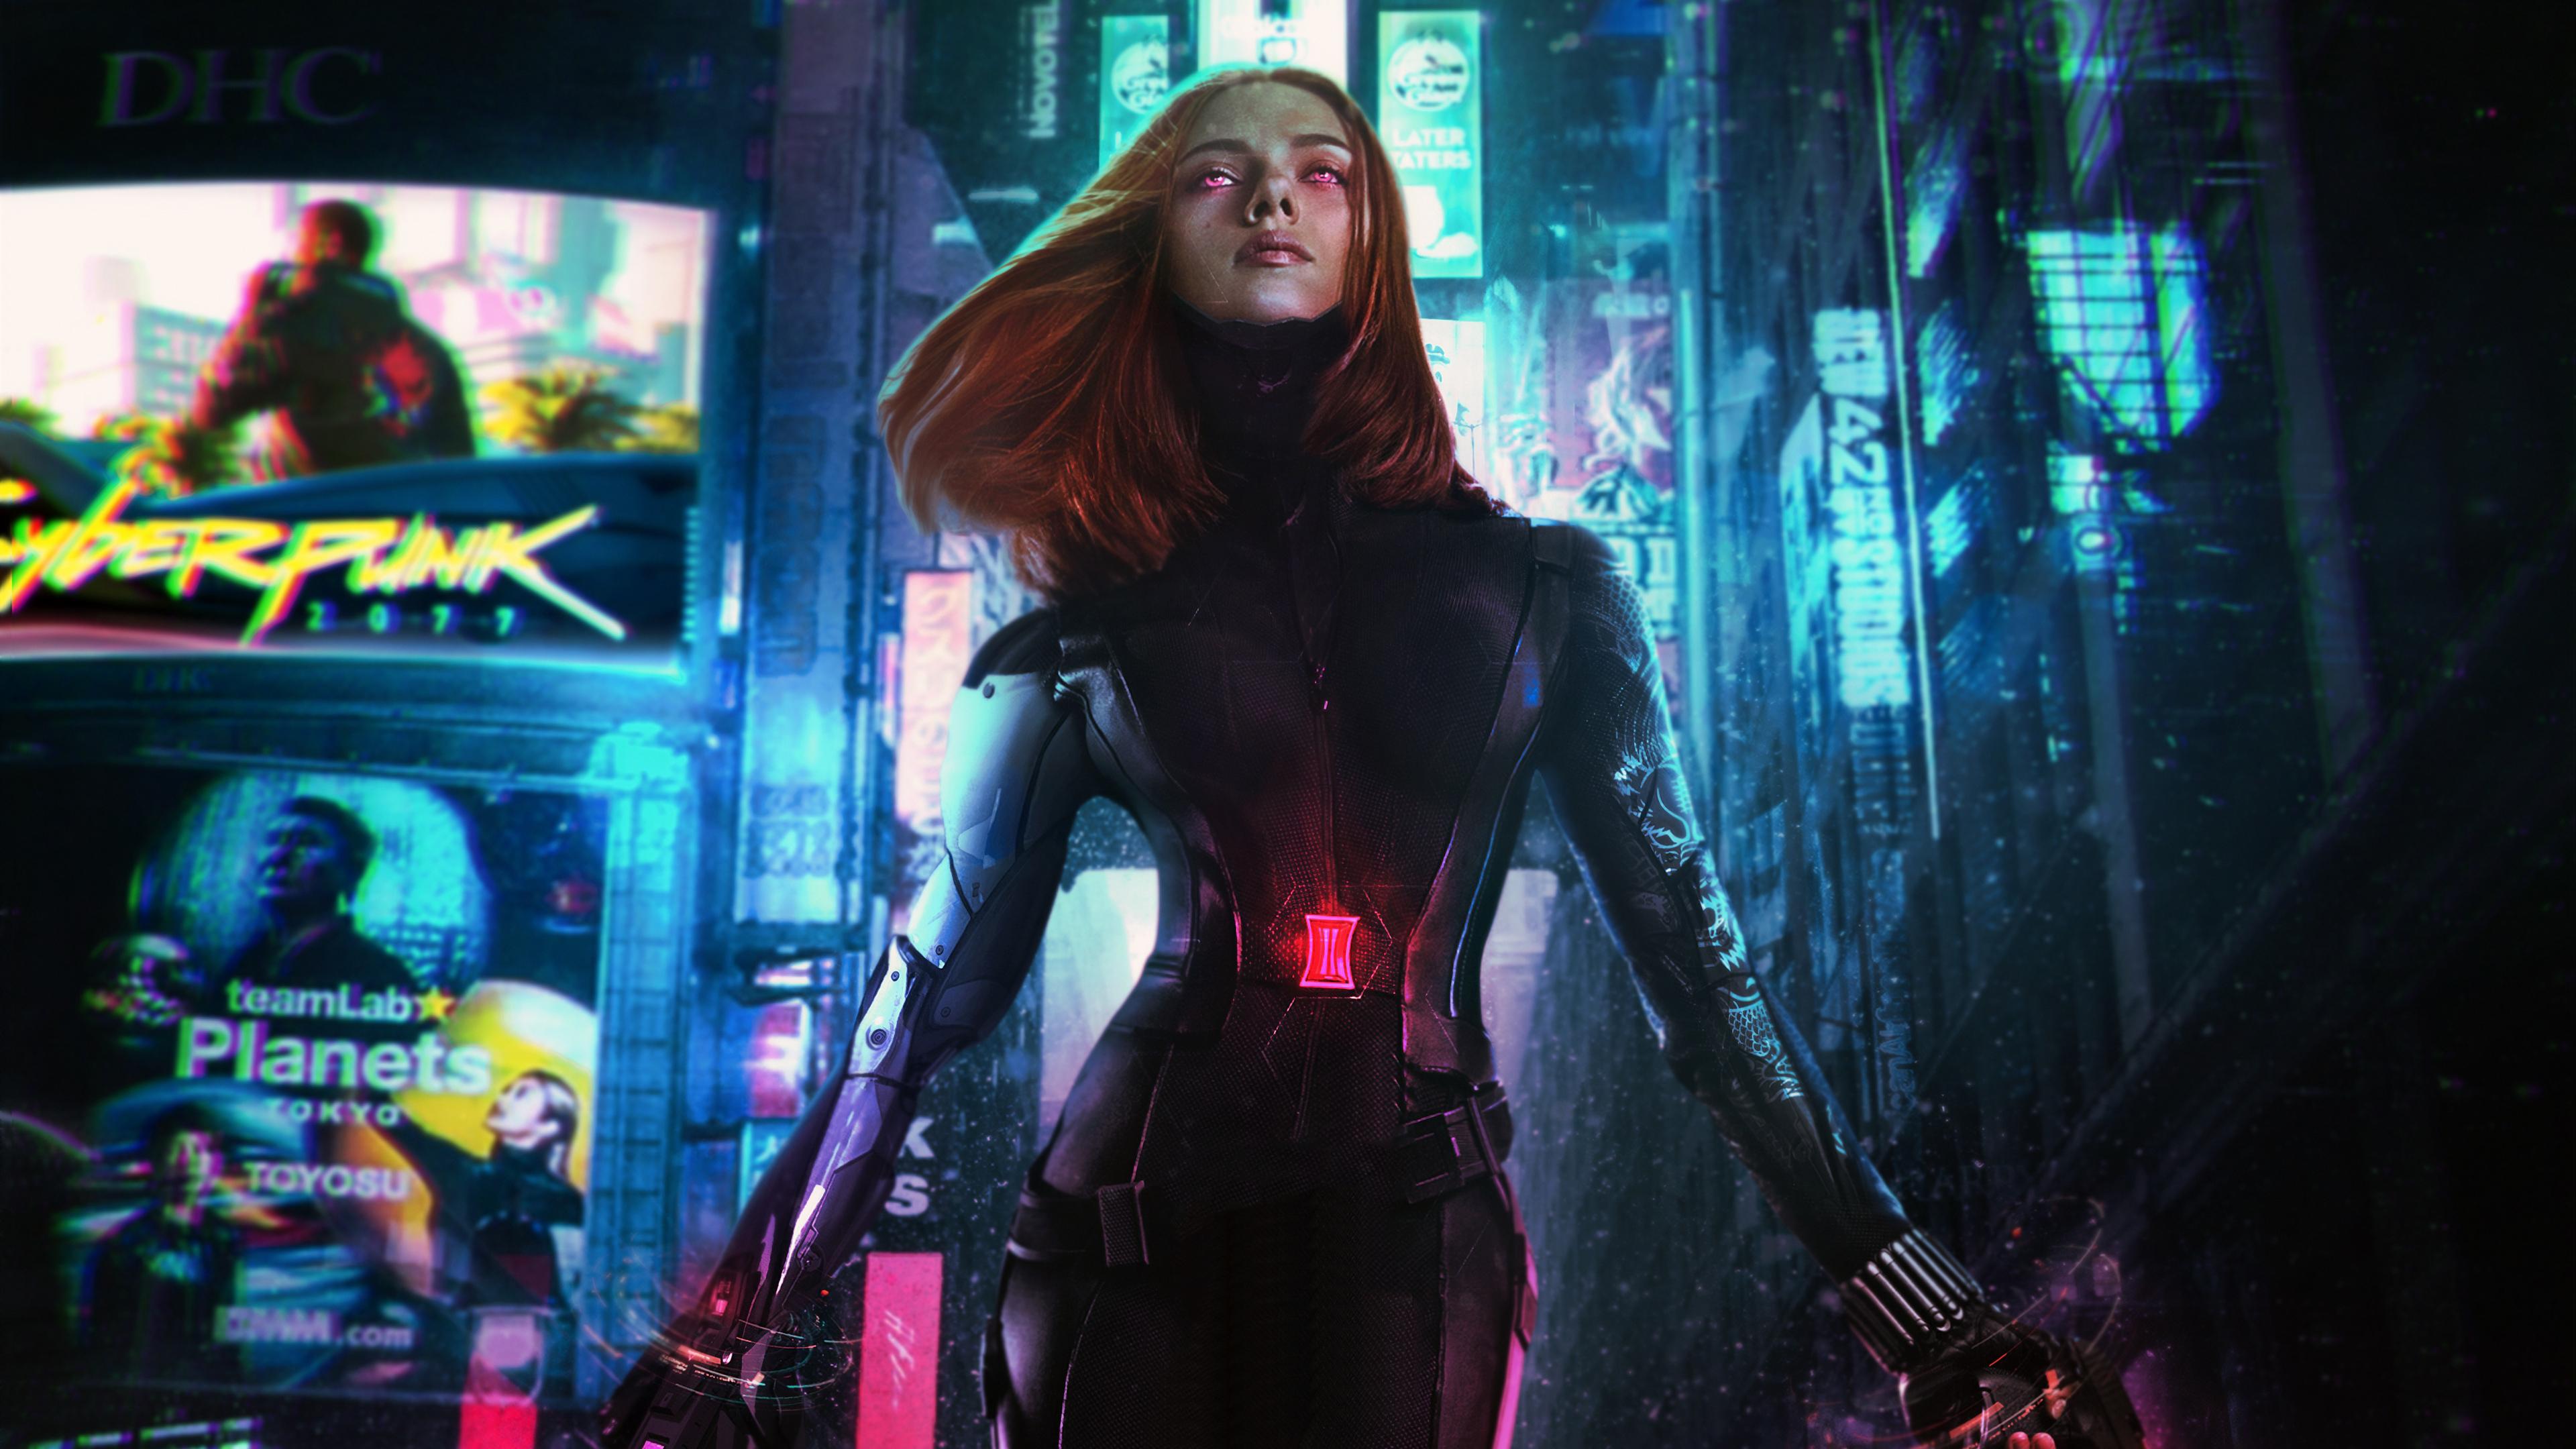 cyberpunk-2077-black-widow-ve.jpg